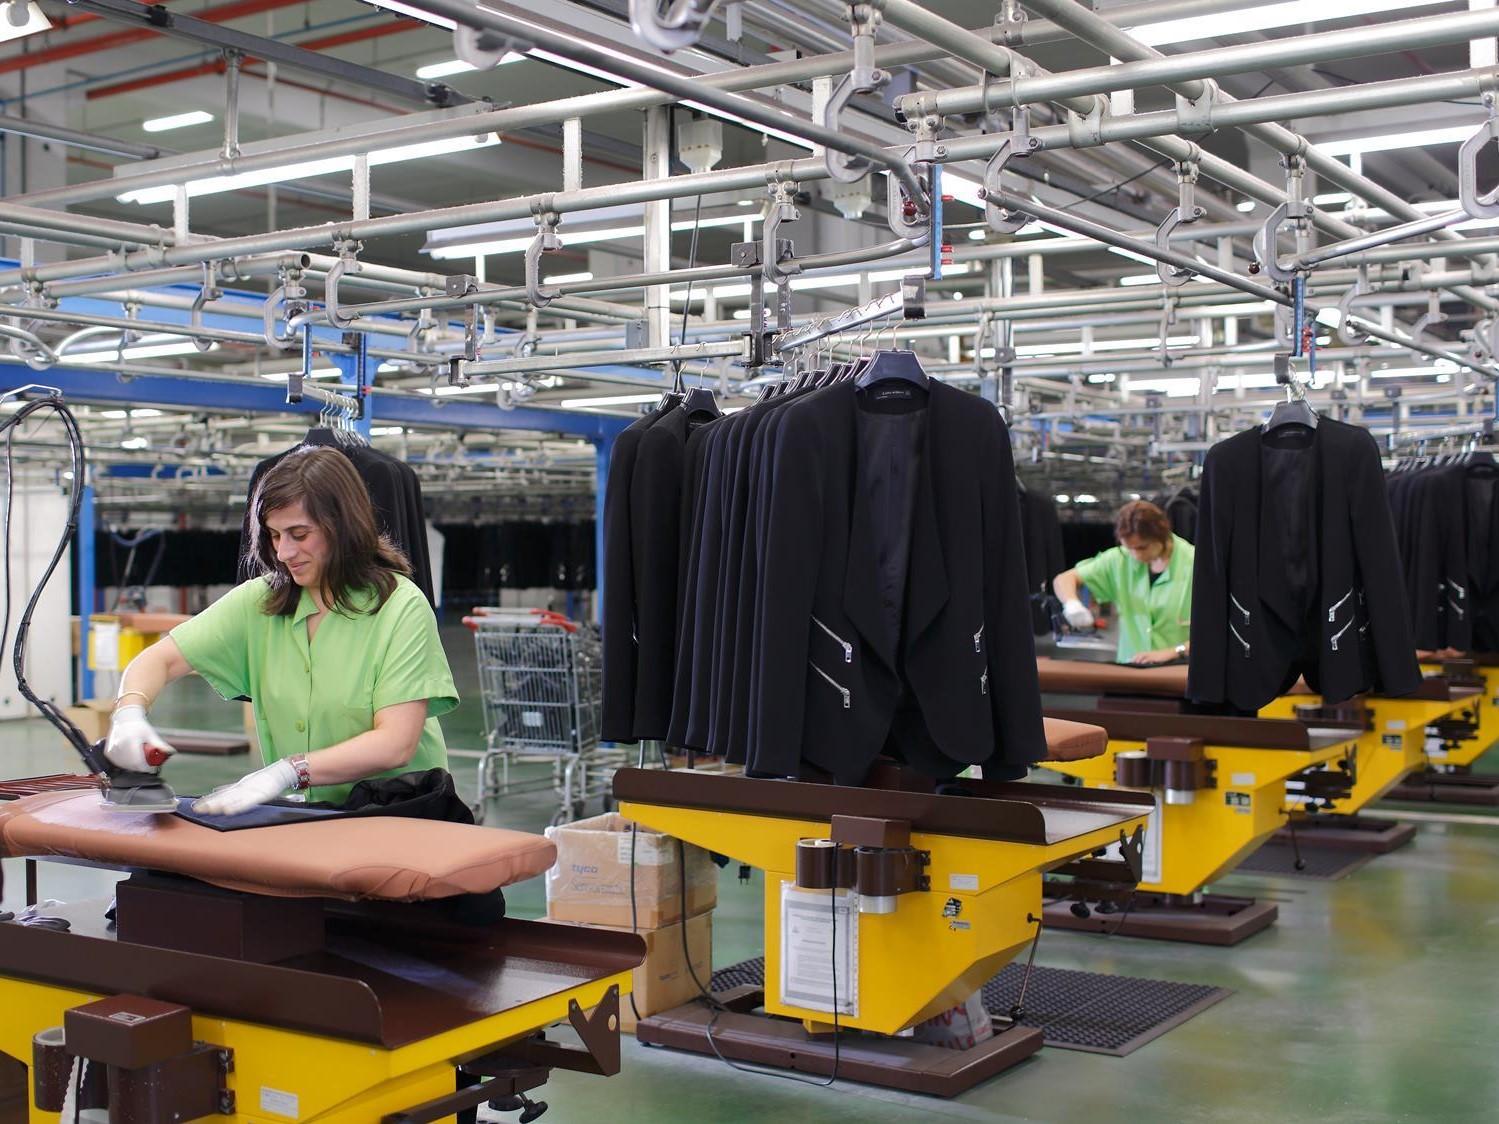 چرا روش سنتی را به روش صنعتی تولید پوشاک تغییر دهیم؟